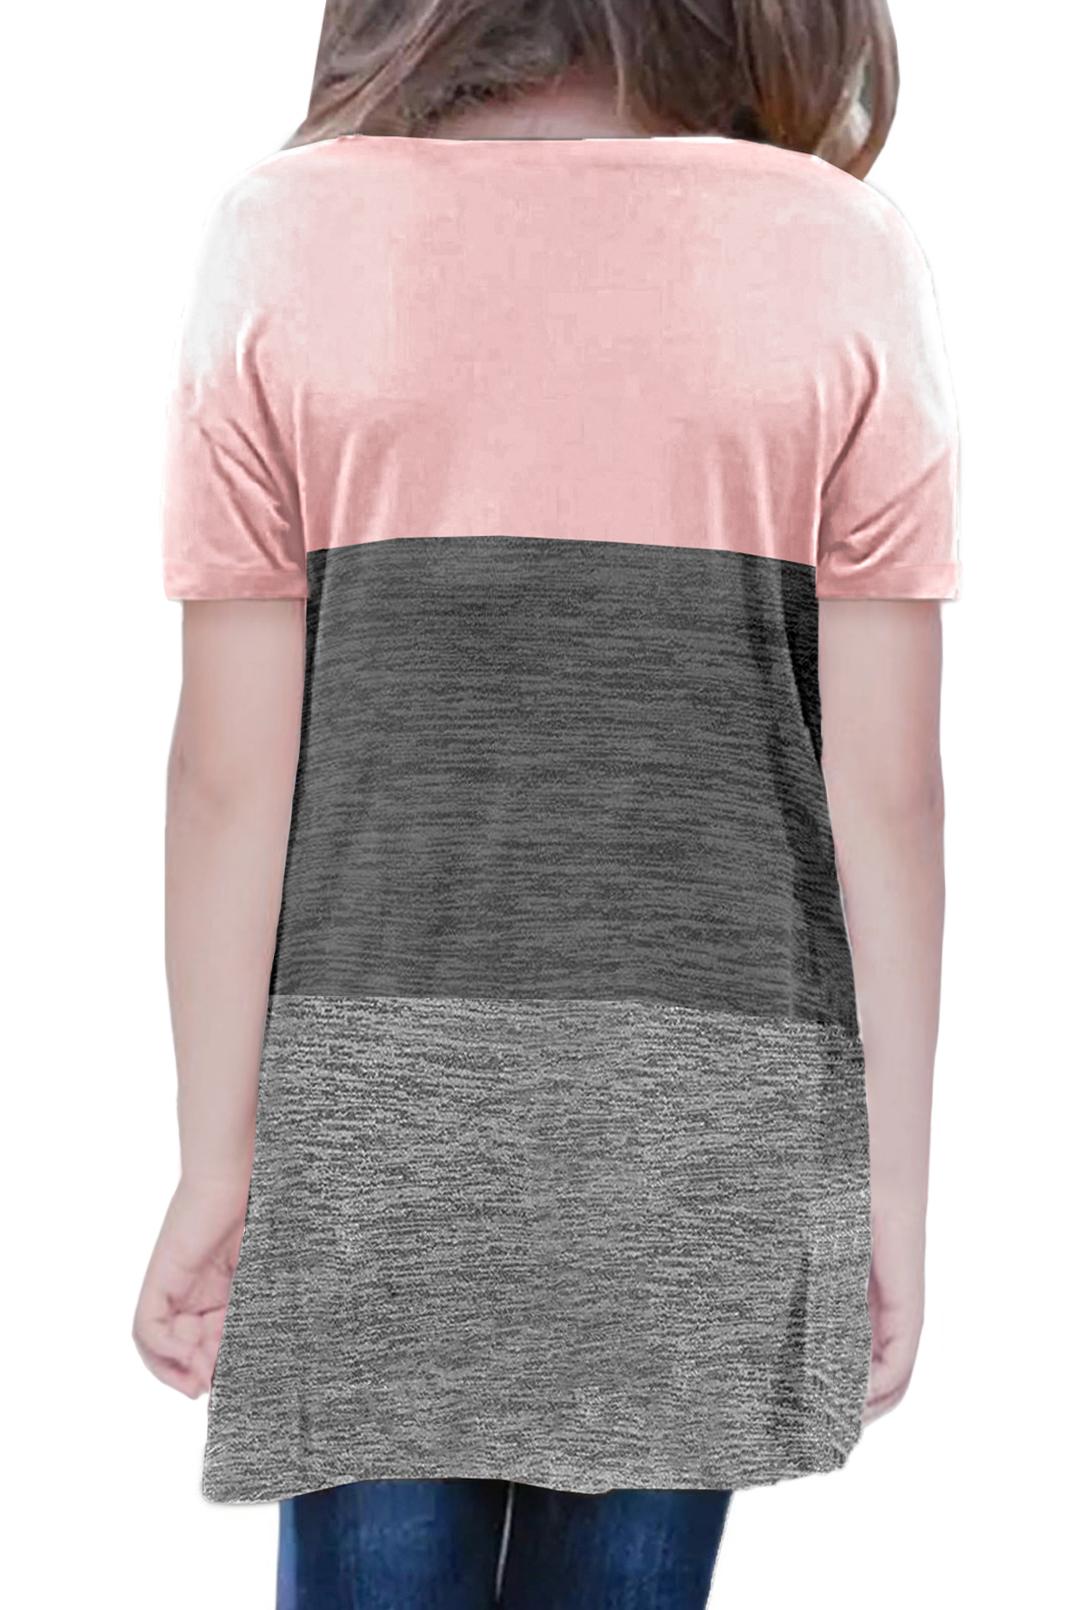 粉色撞色圆领短袖扭结可爱小女孩舒适上衣 TZ25147